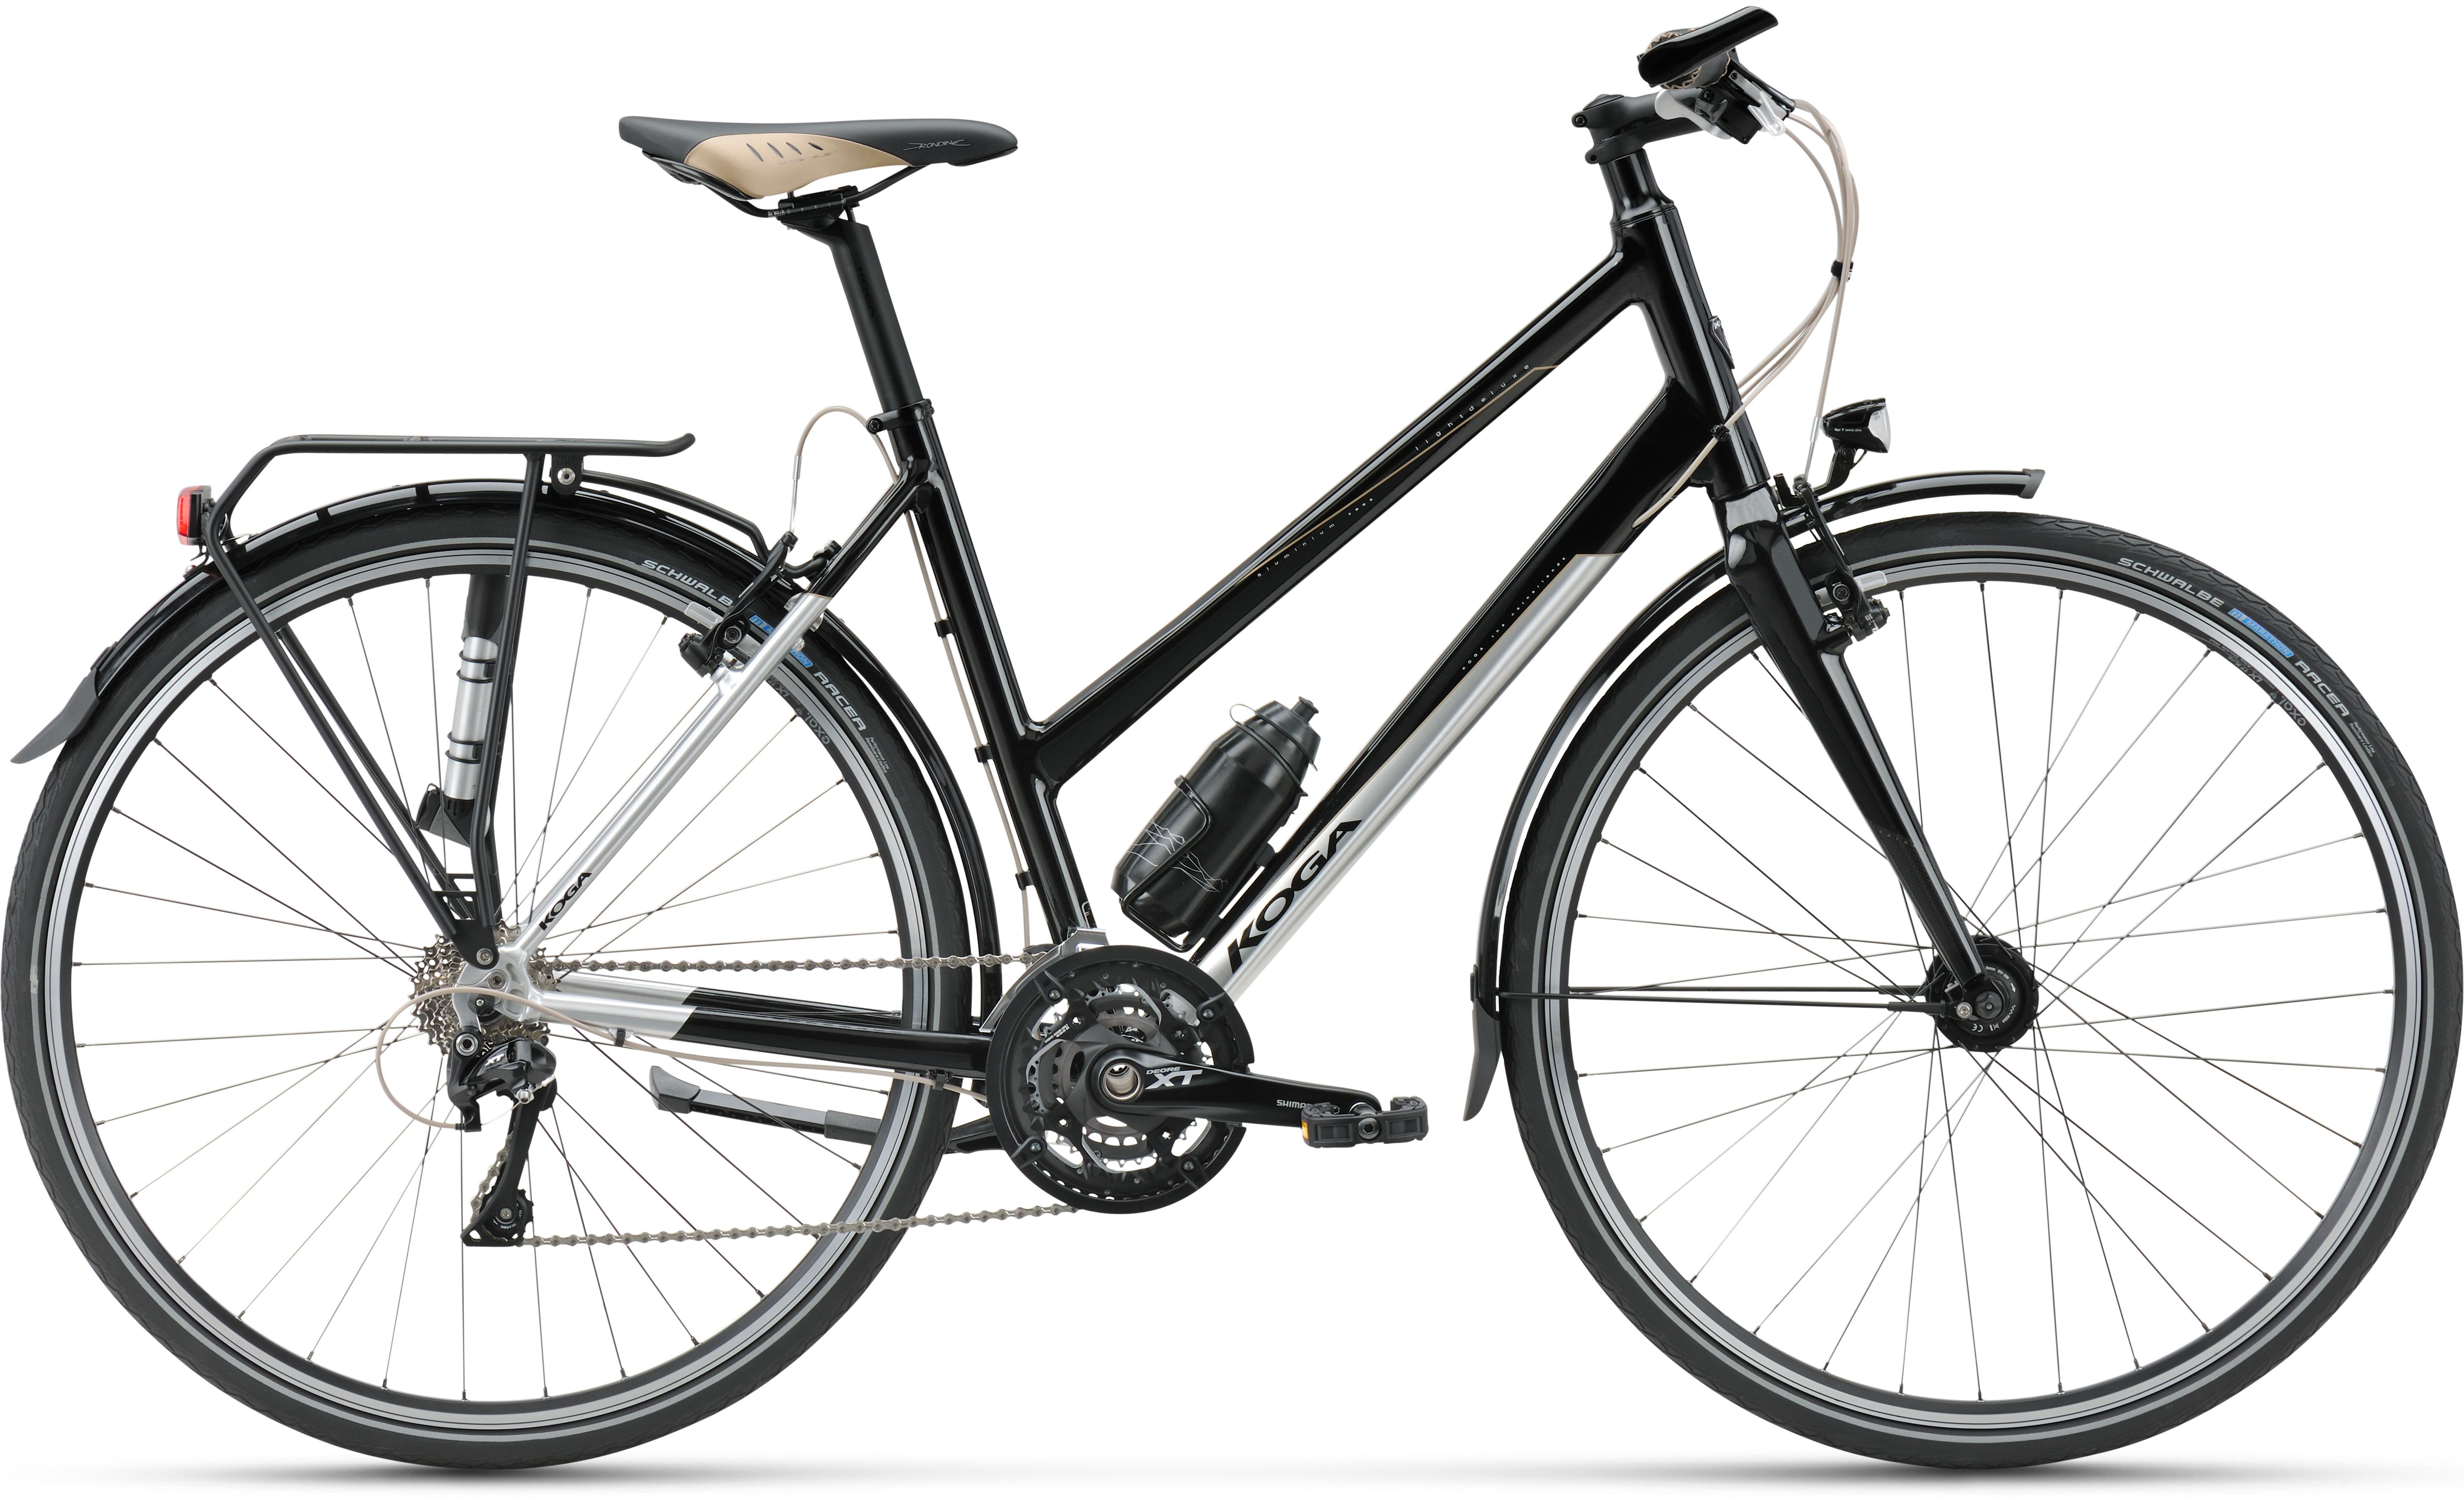 Koga // Bikes > City & Touring > Collection 2014